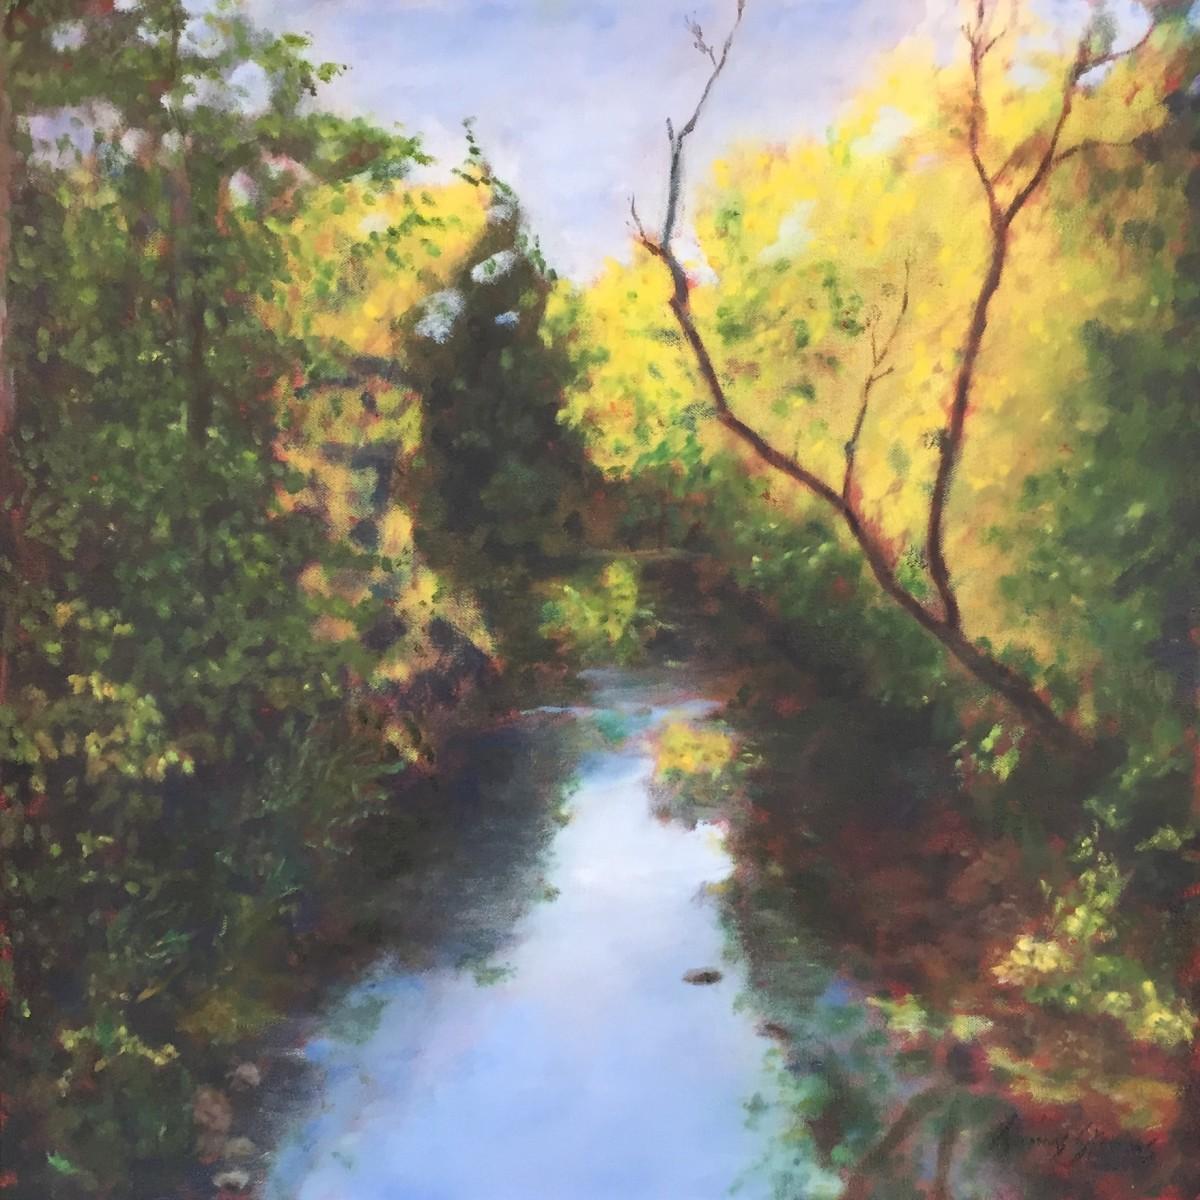 Eno River View 36.07287N 79.101111W by Thomas Stevens